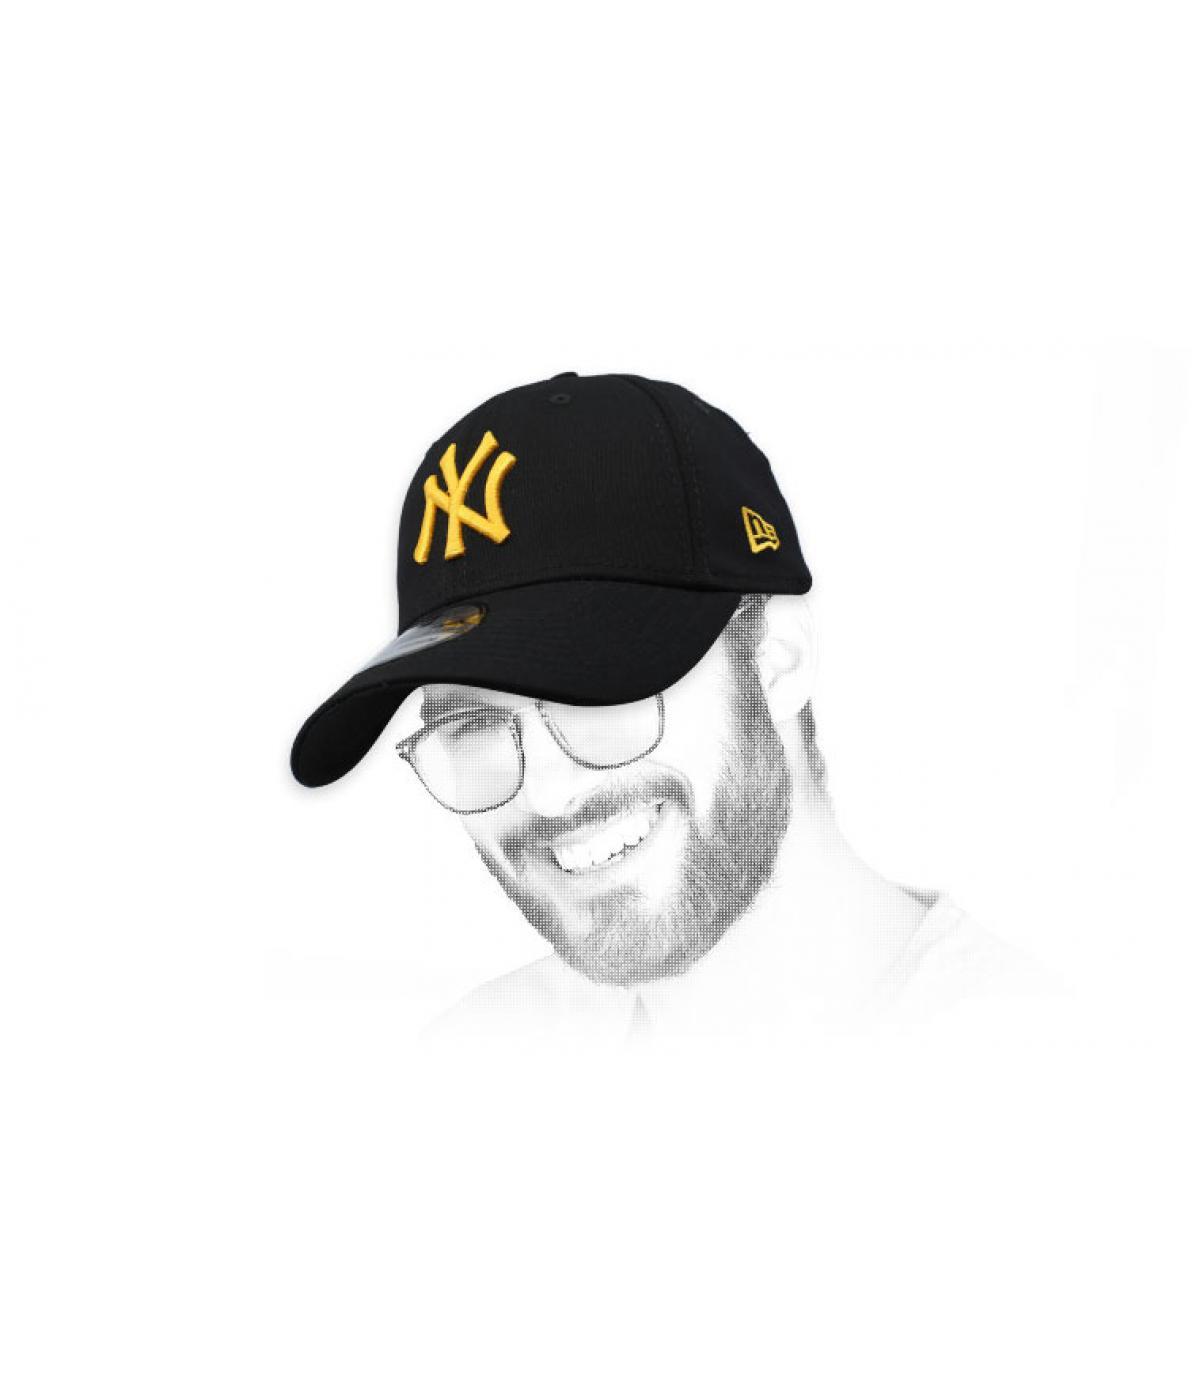 black gold NY cap